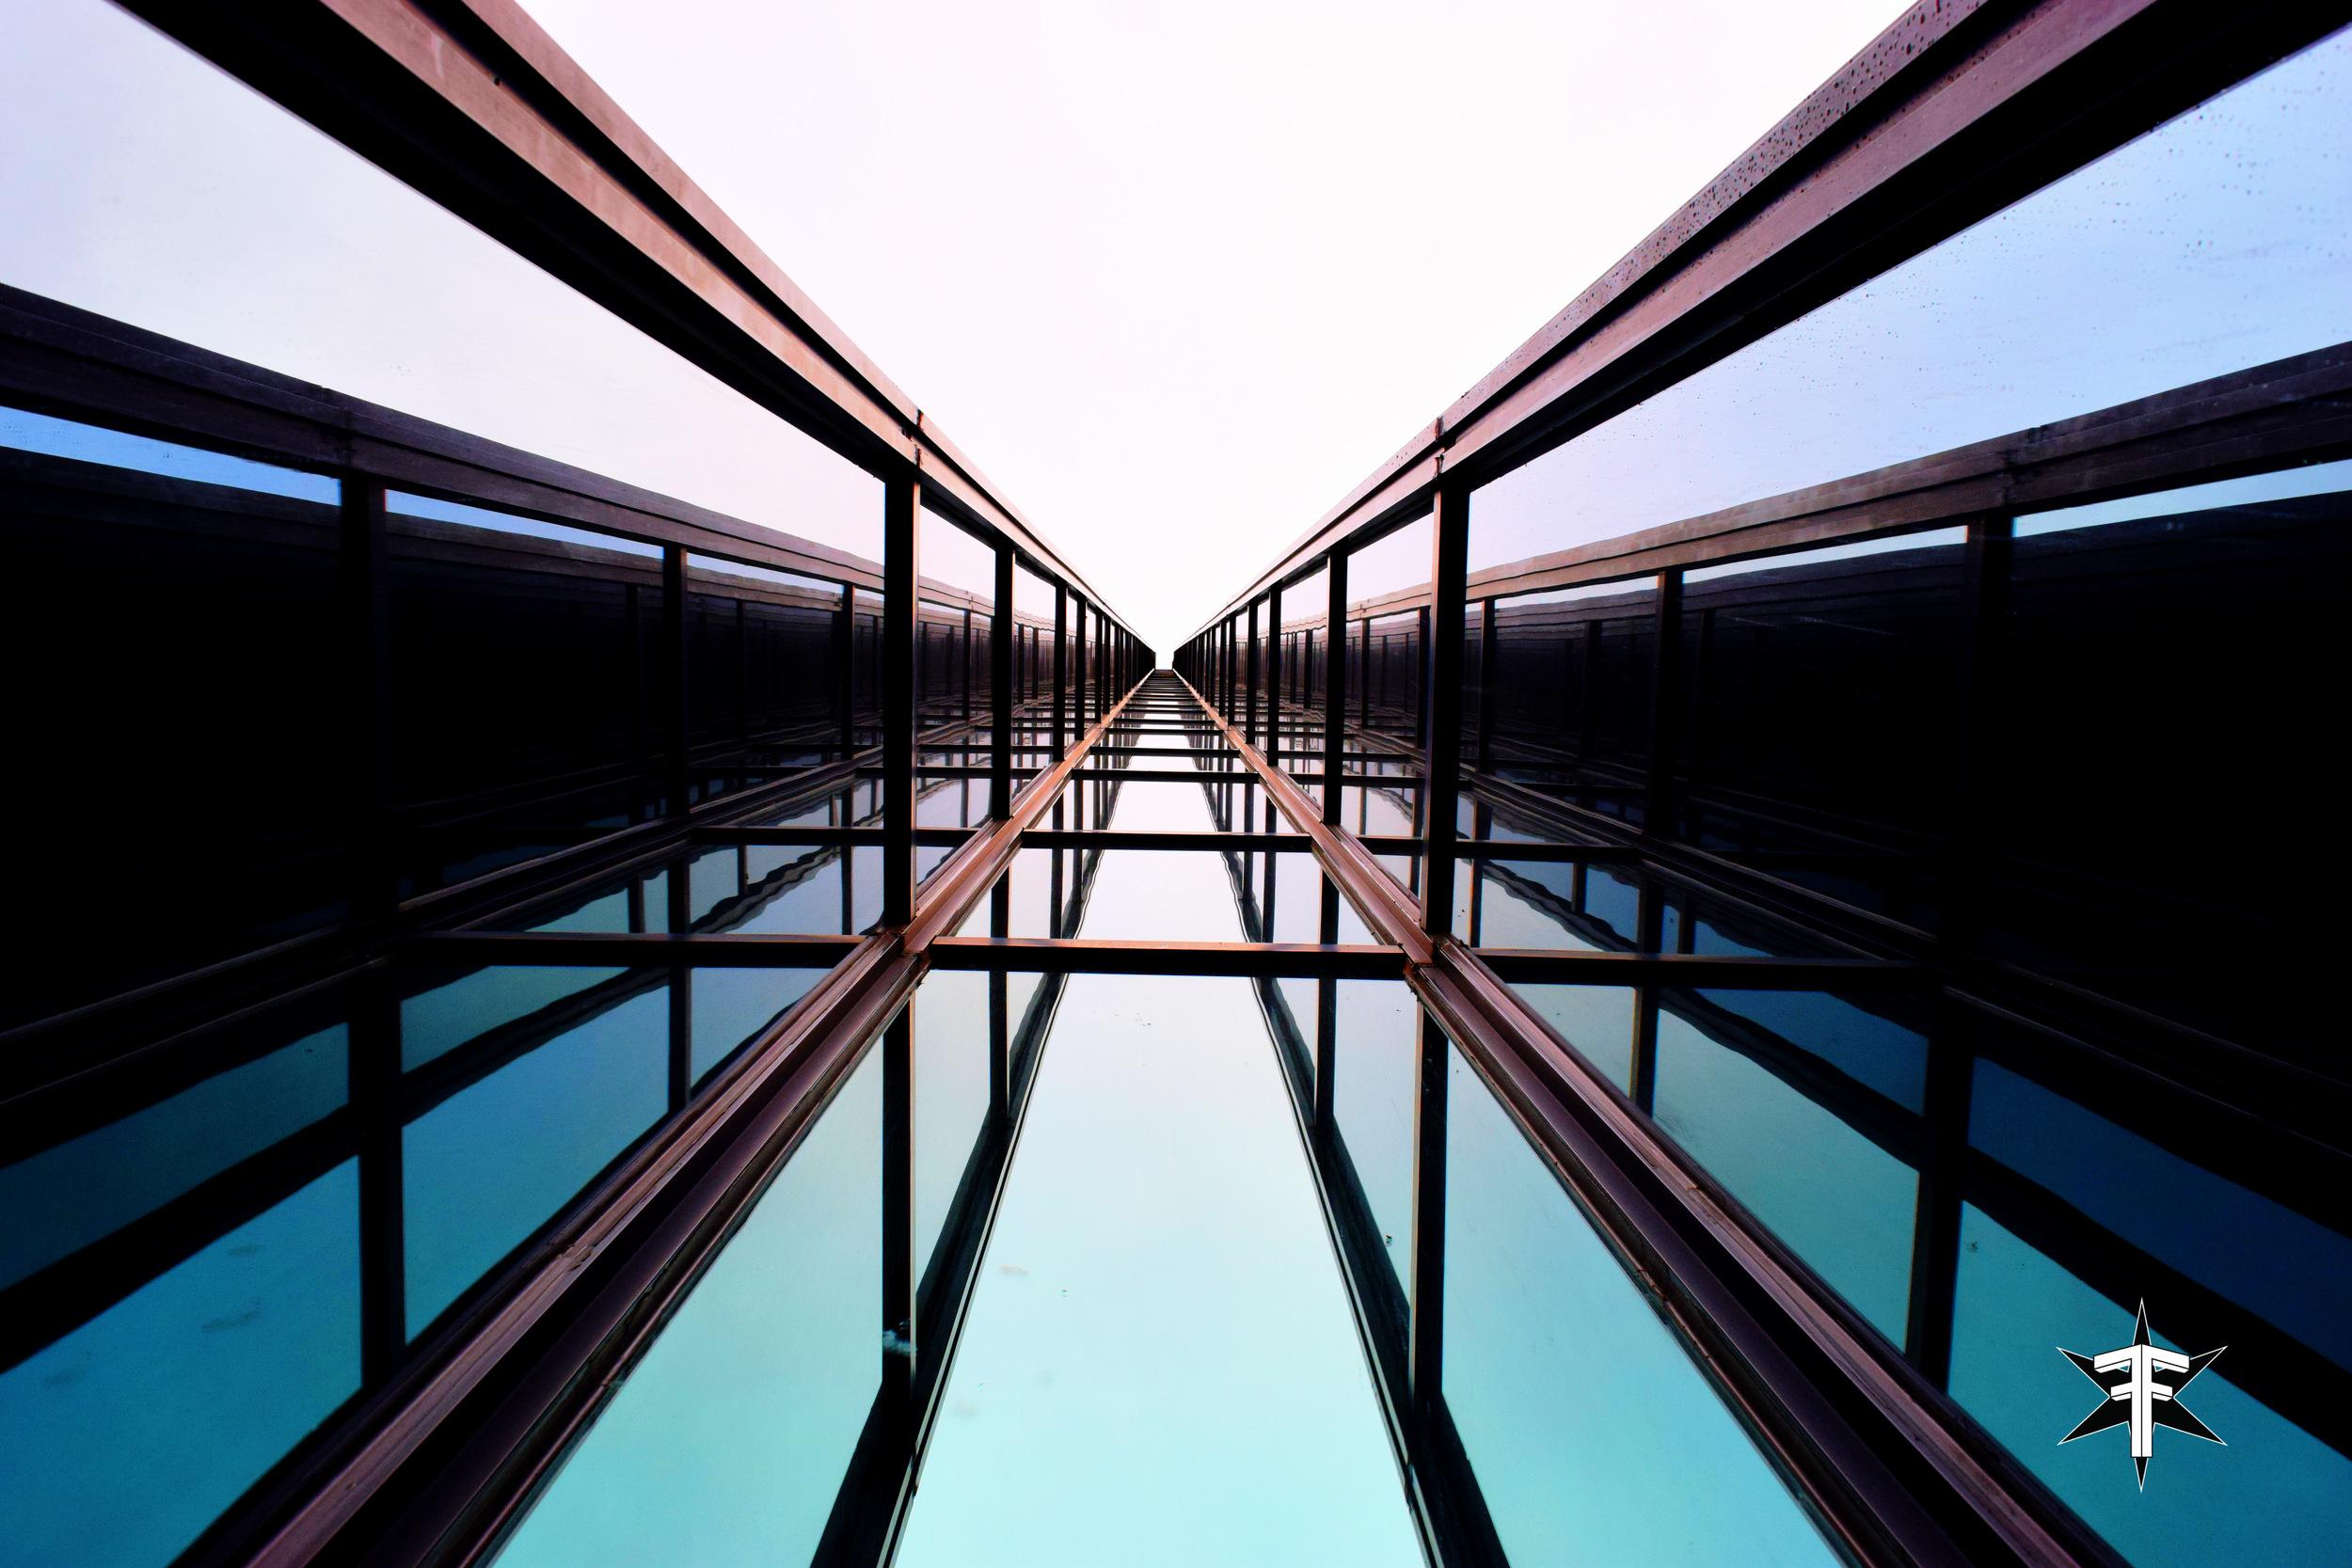 chicago architecture eric formato photography design arquitectura architettura buildings skyscraper skyscrapers-172.jpg